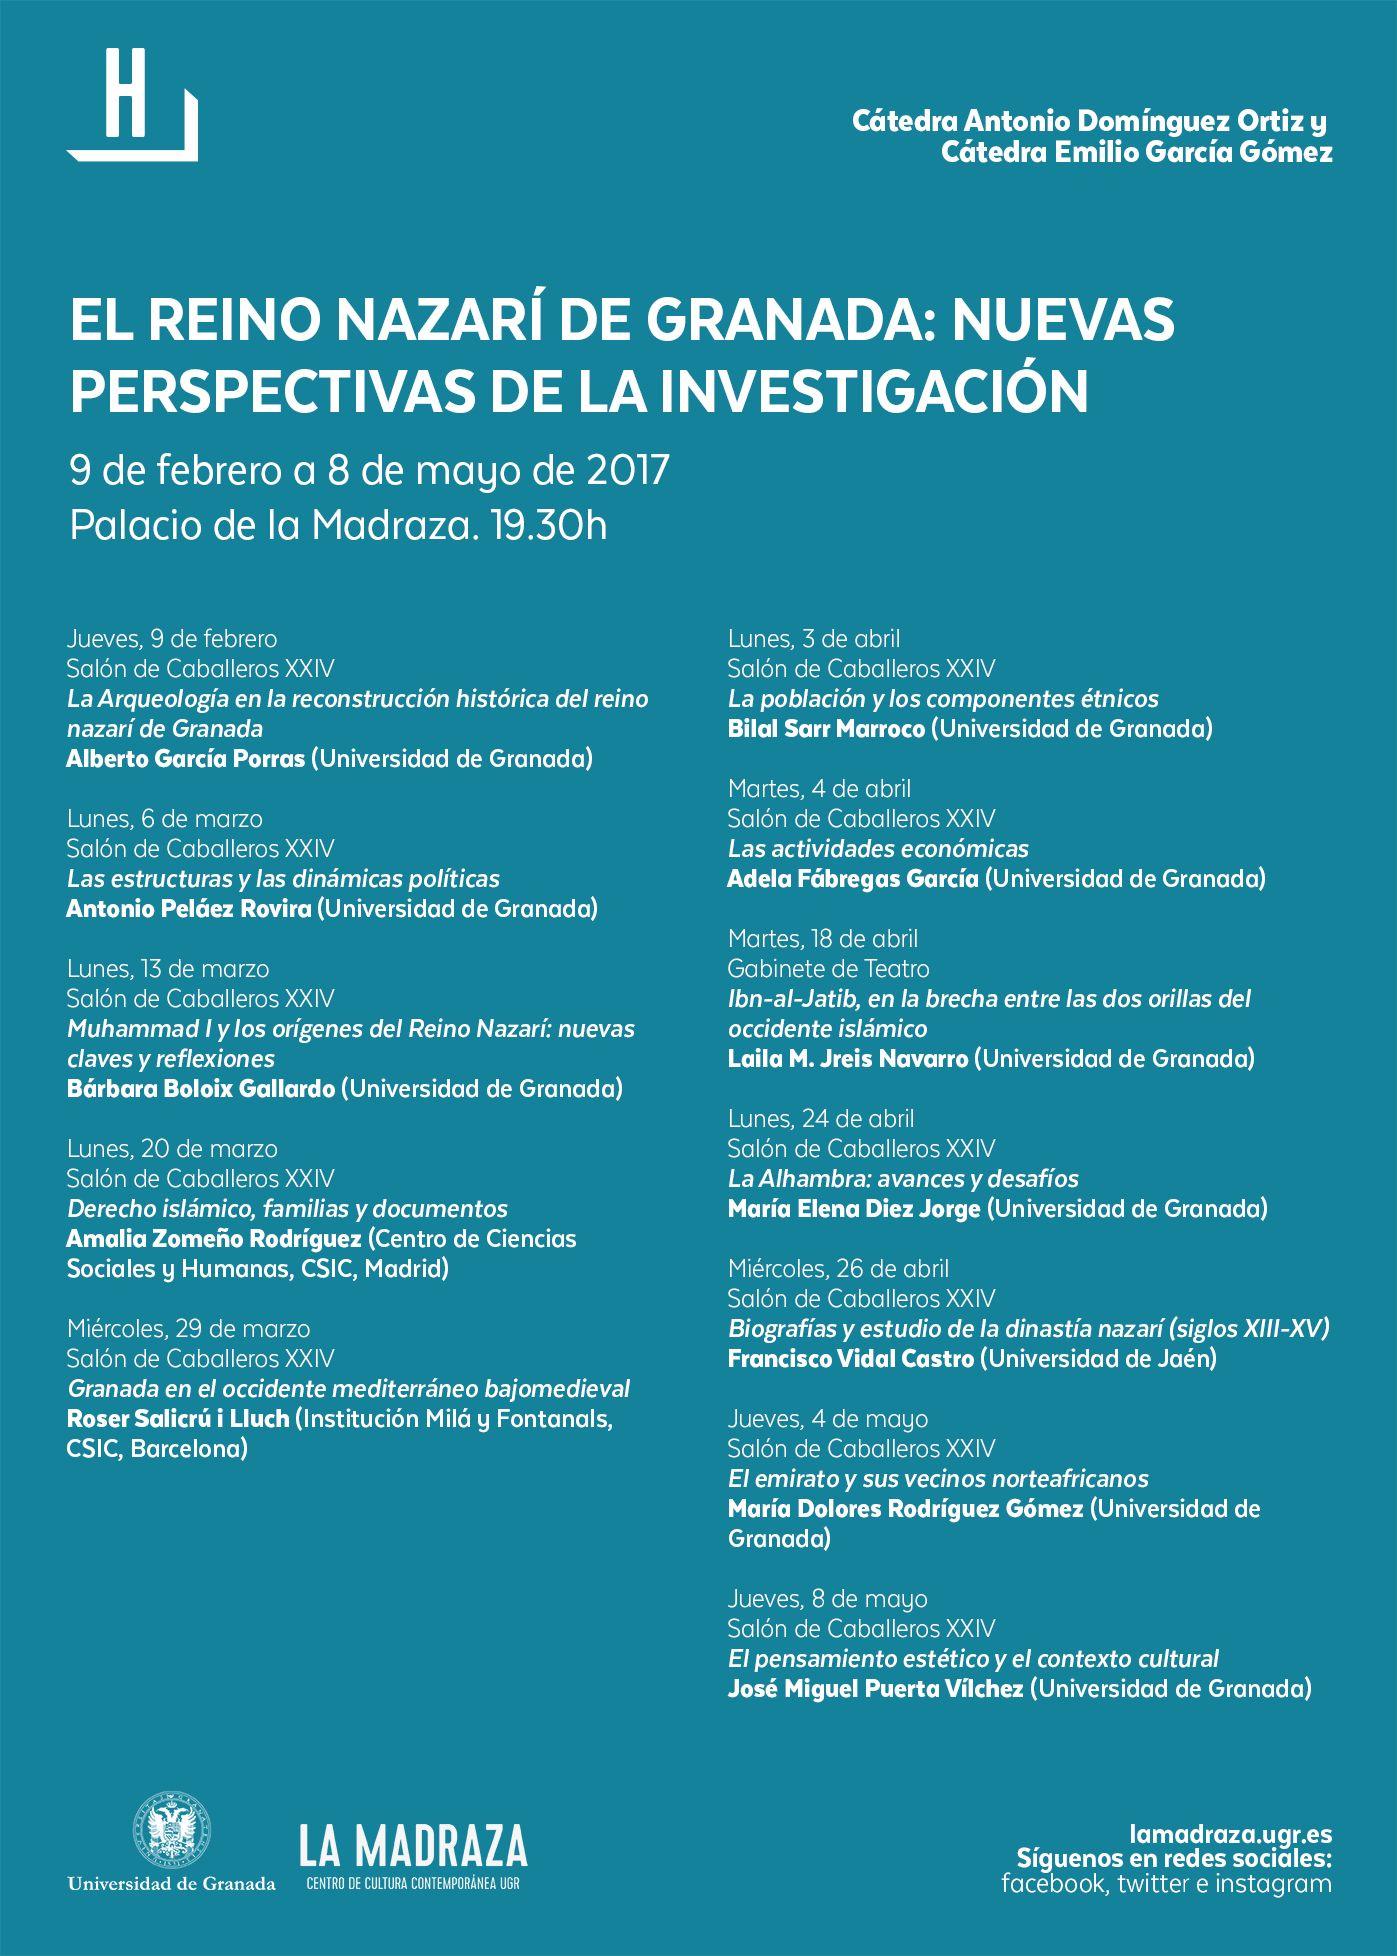 Del 9/2/17 al 8/5/17 tendrán lugar, en #LaMadraza , una serie de ...